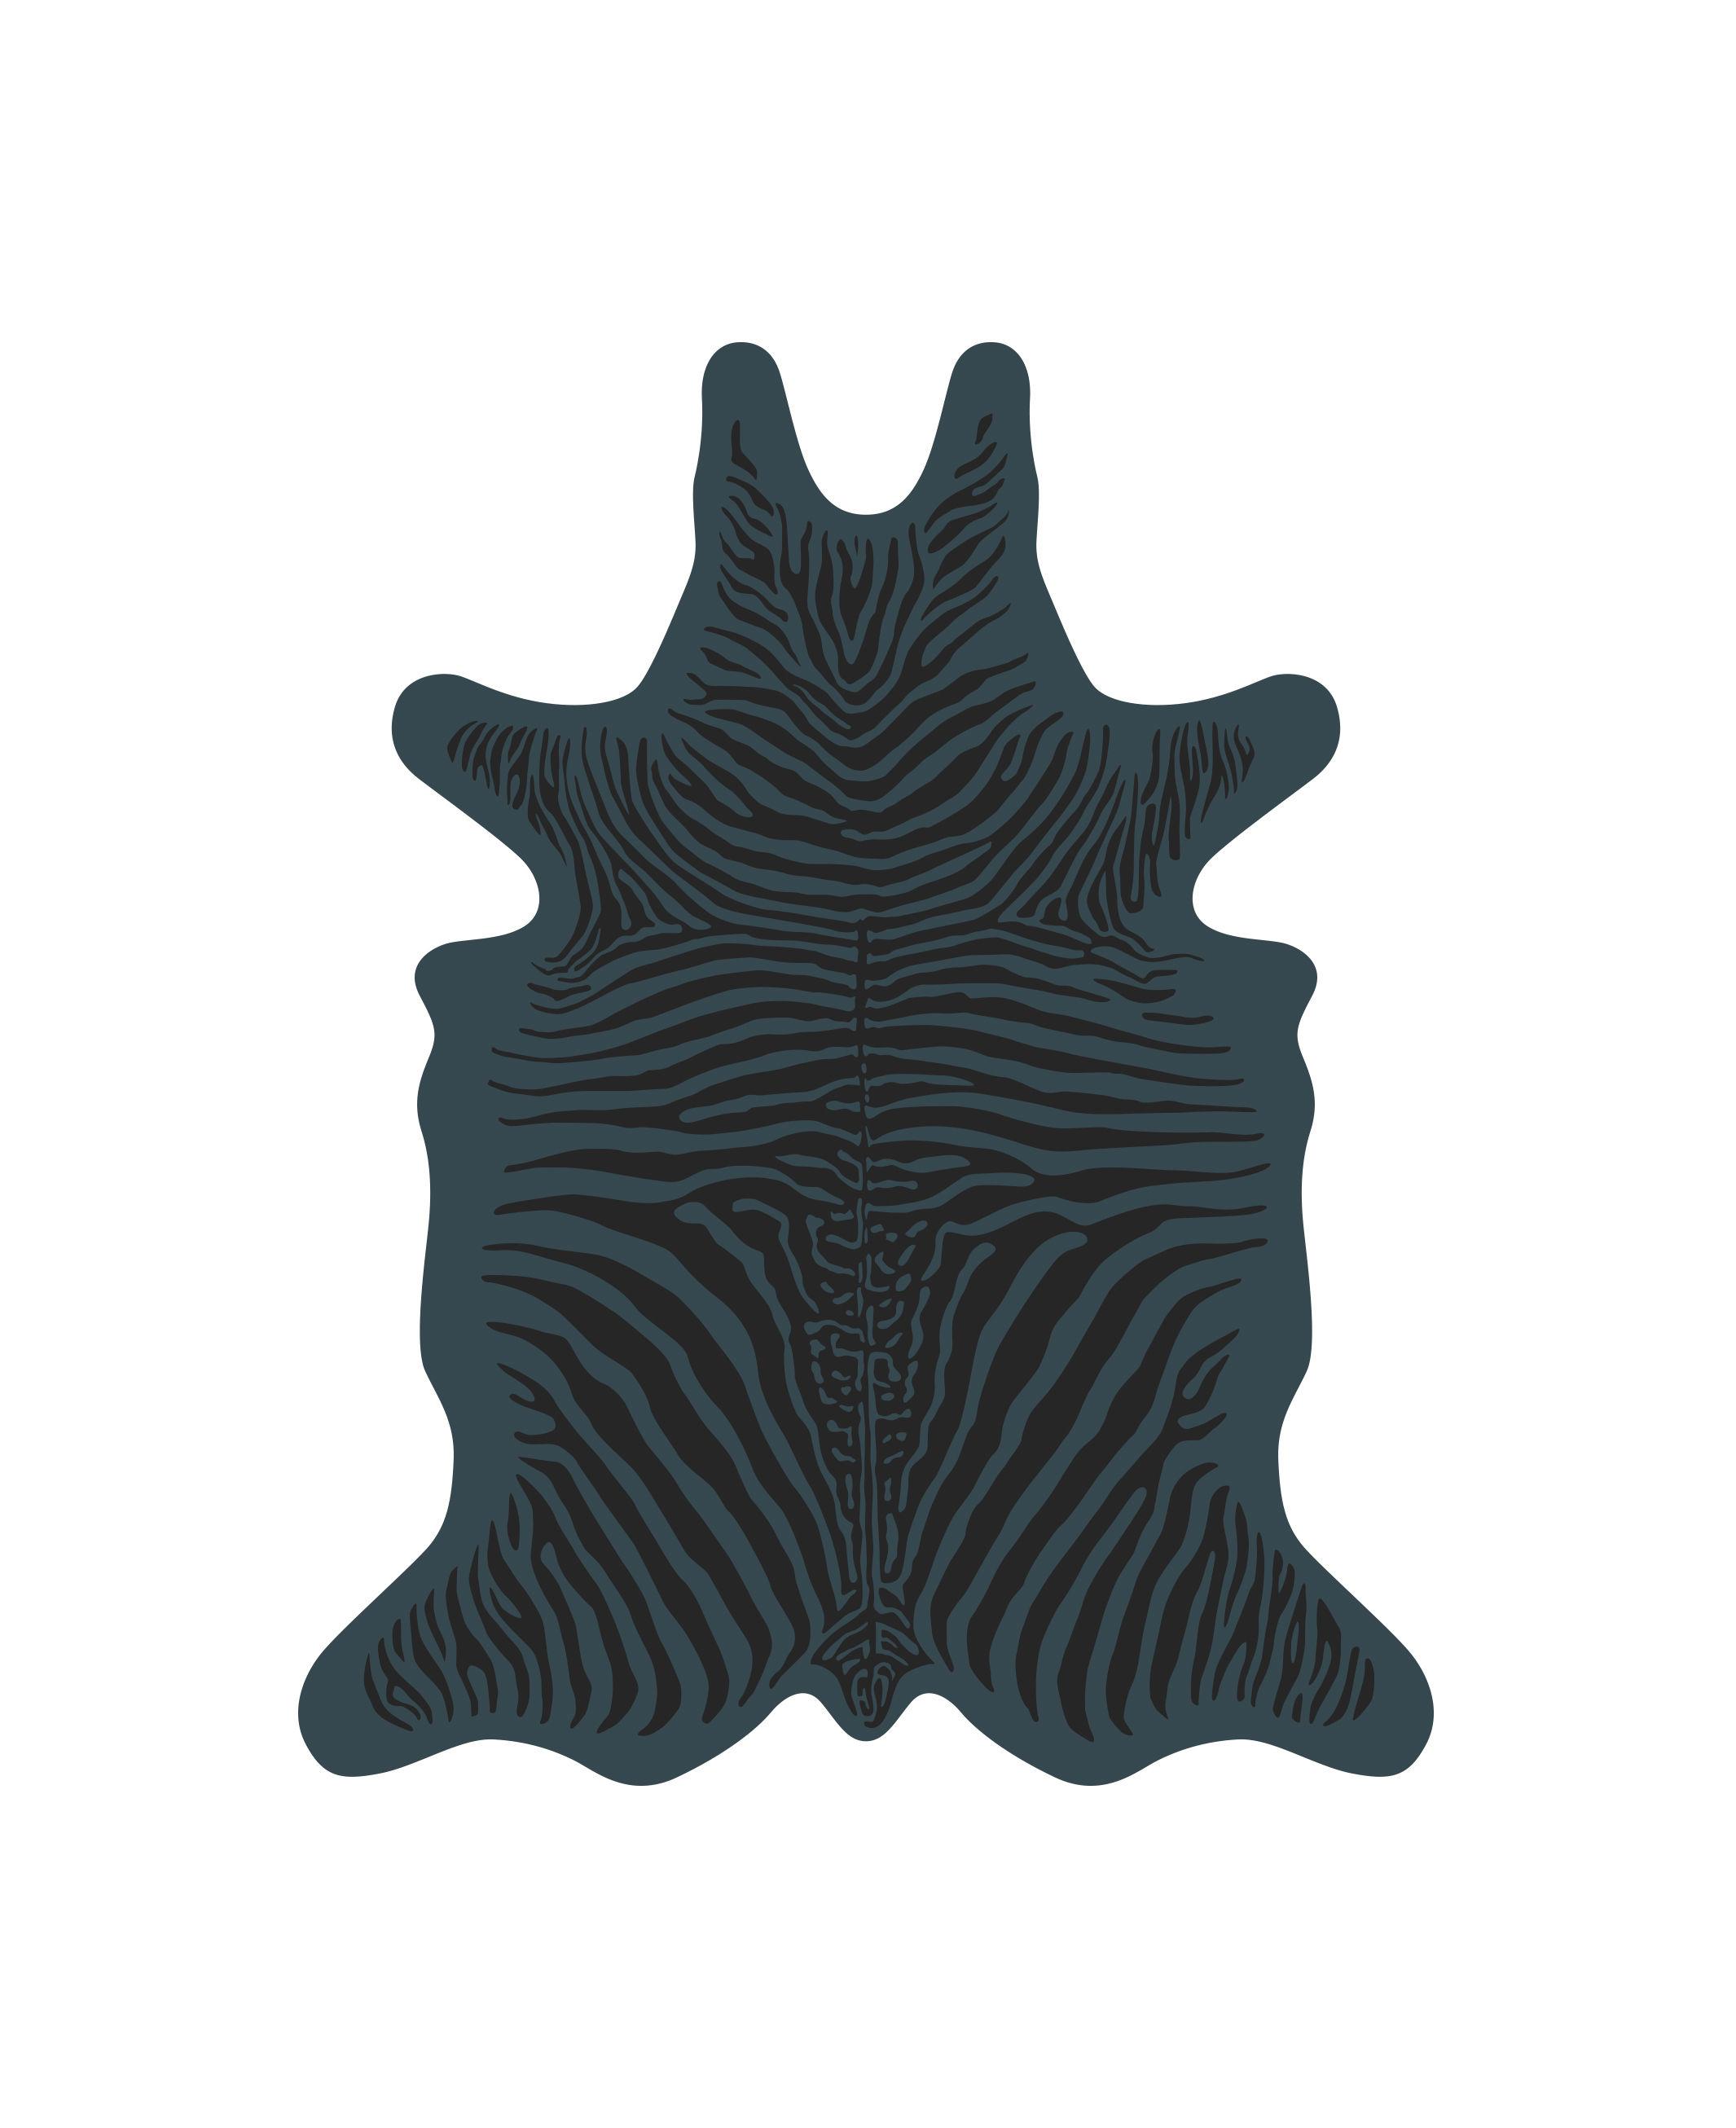 Outdoor - Decorazioni e accessori - Tappeto Zèbre - / 90 x 113 cm - Vinile di PÔDEVACHE - Blu / Righe nere - Vinile